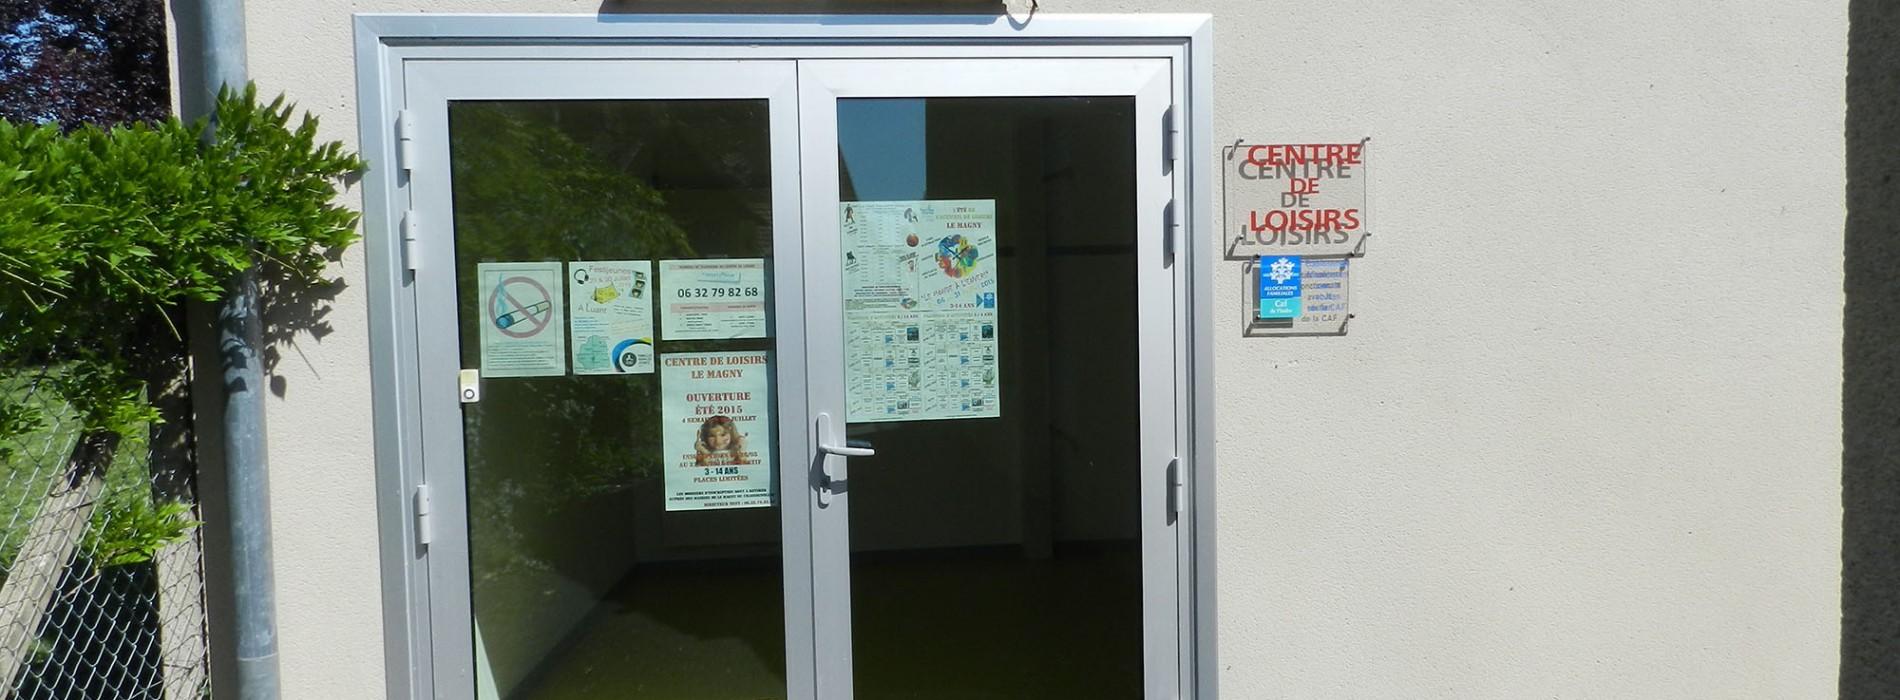 Le Centre de Loisirs